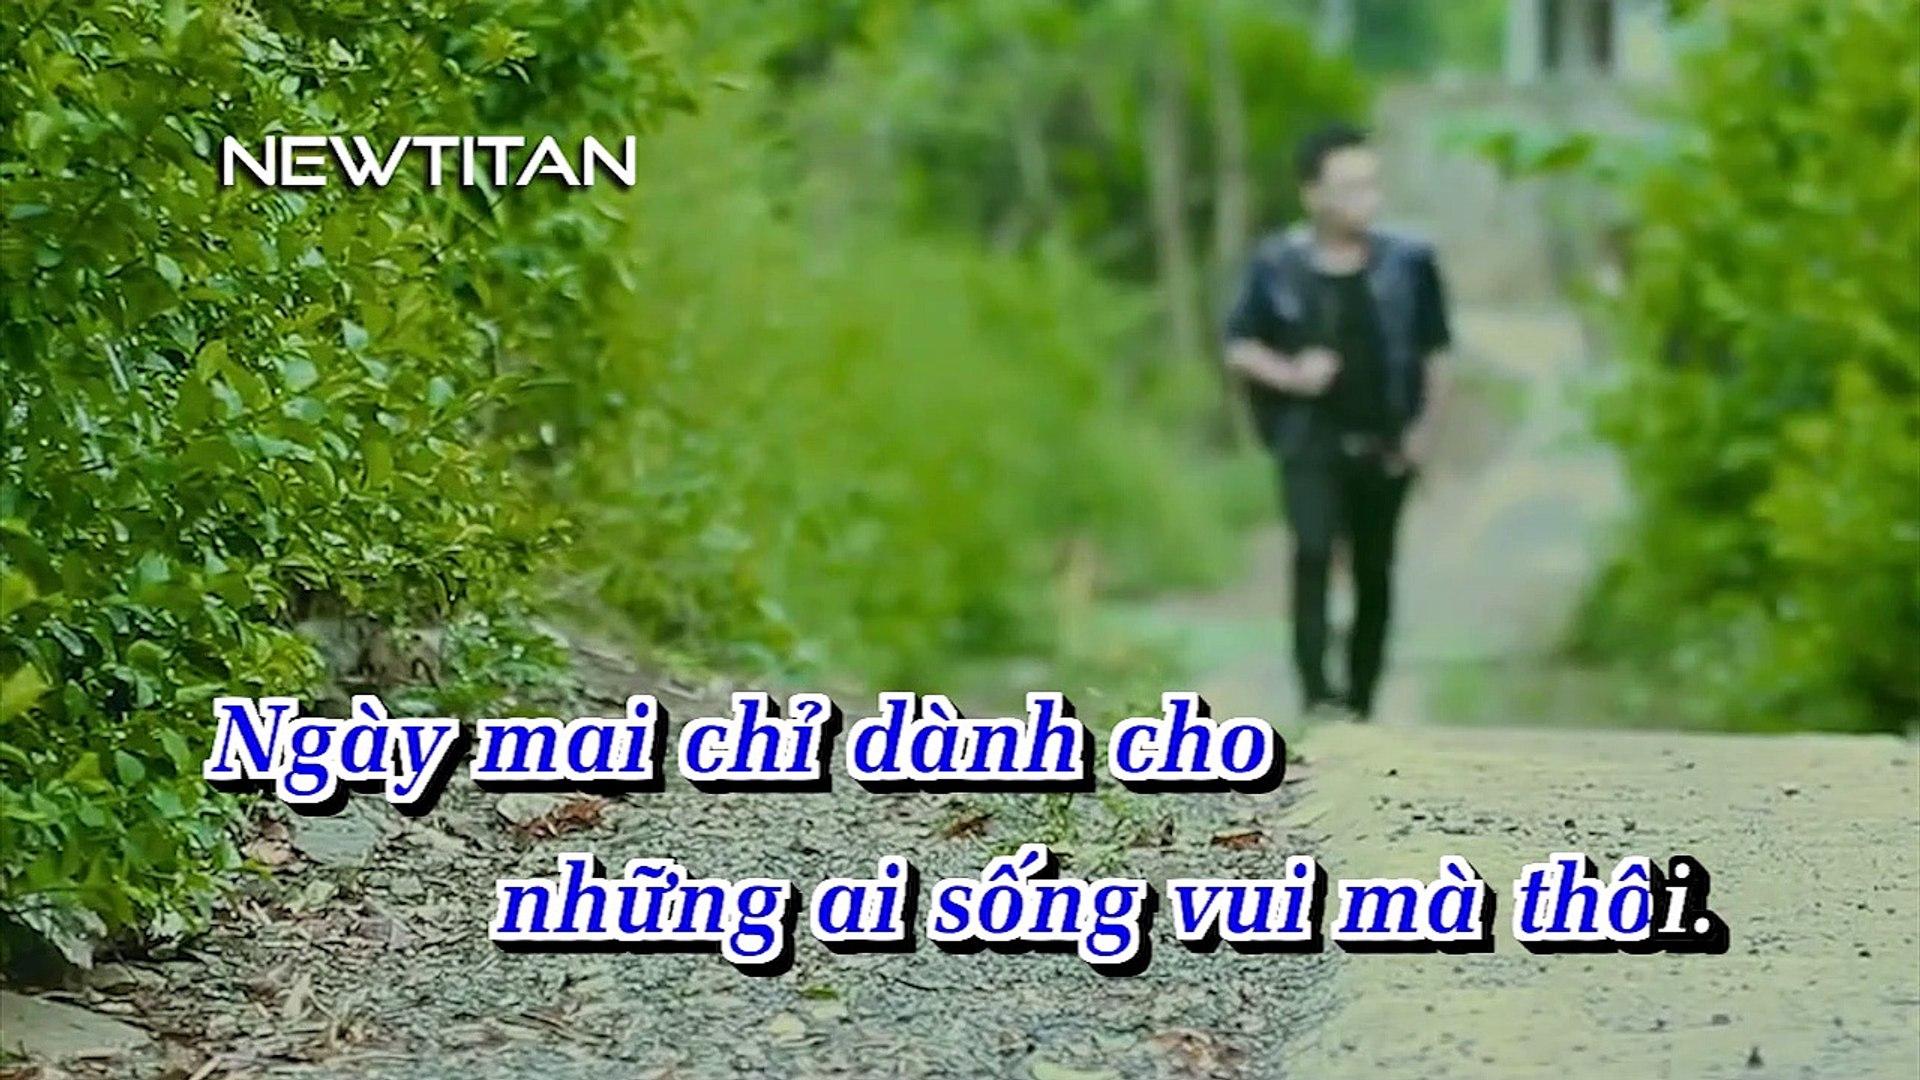 [Karaoke] Nhạc Cho Anh Cho Tôi - Hamlet Trương [Beat]